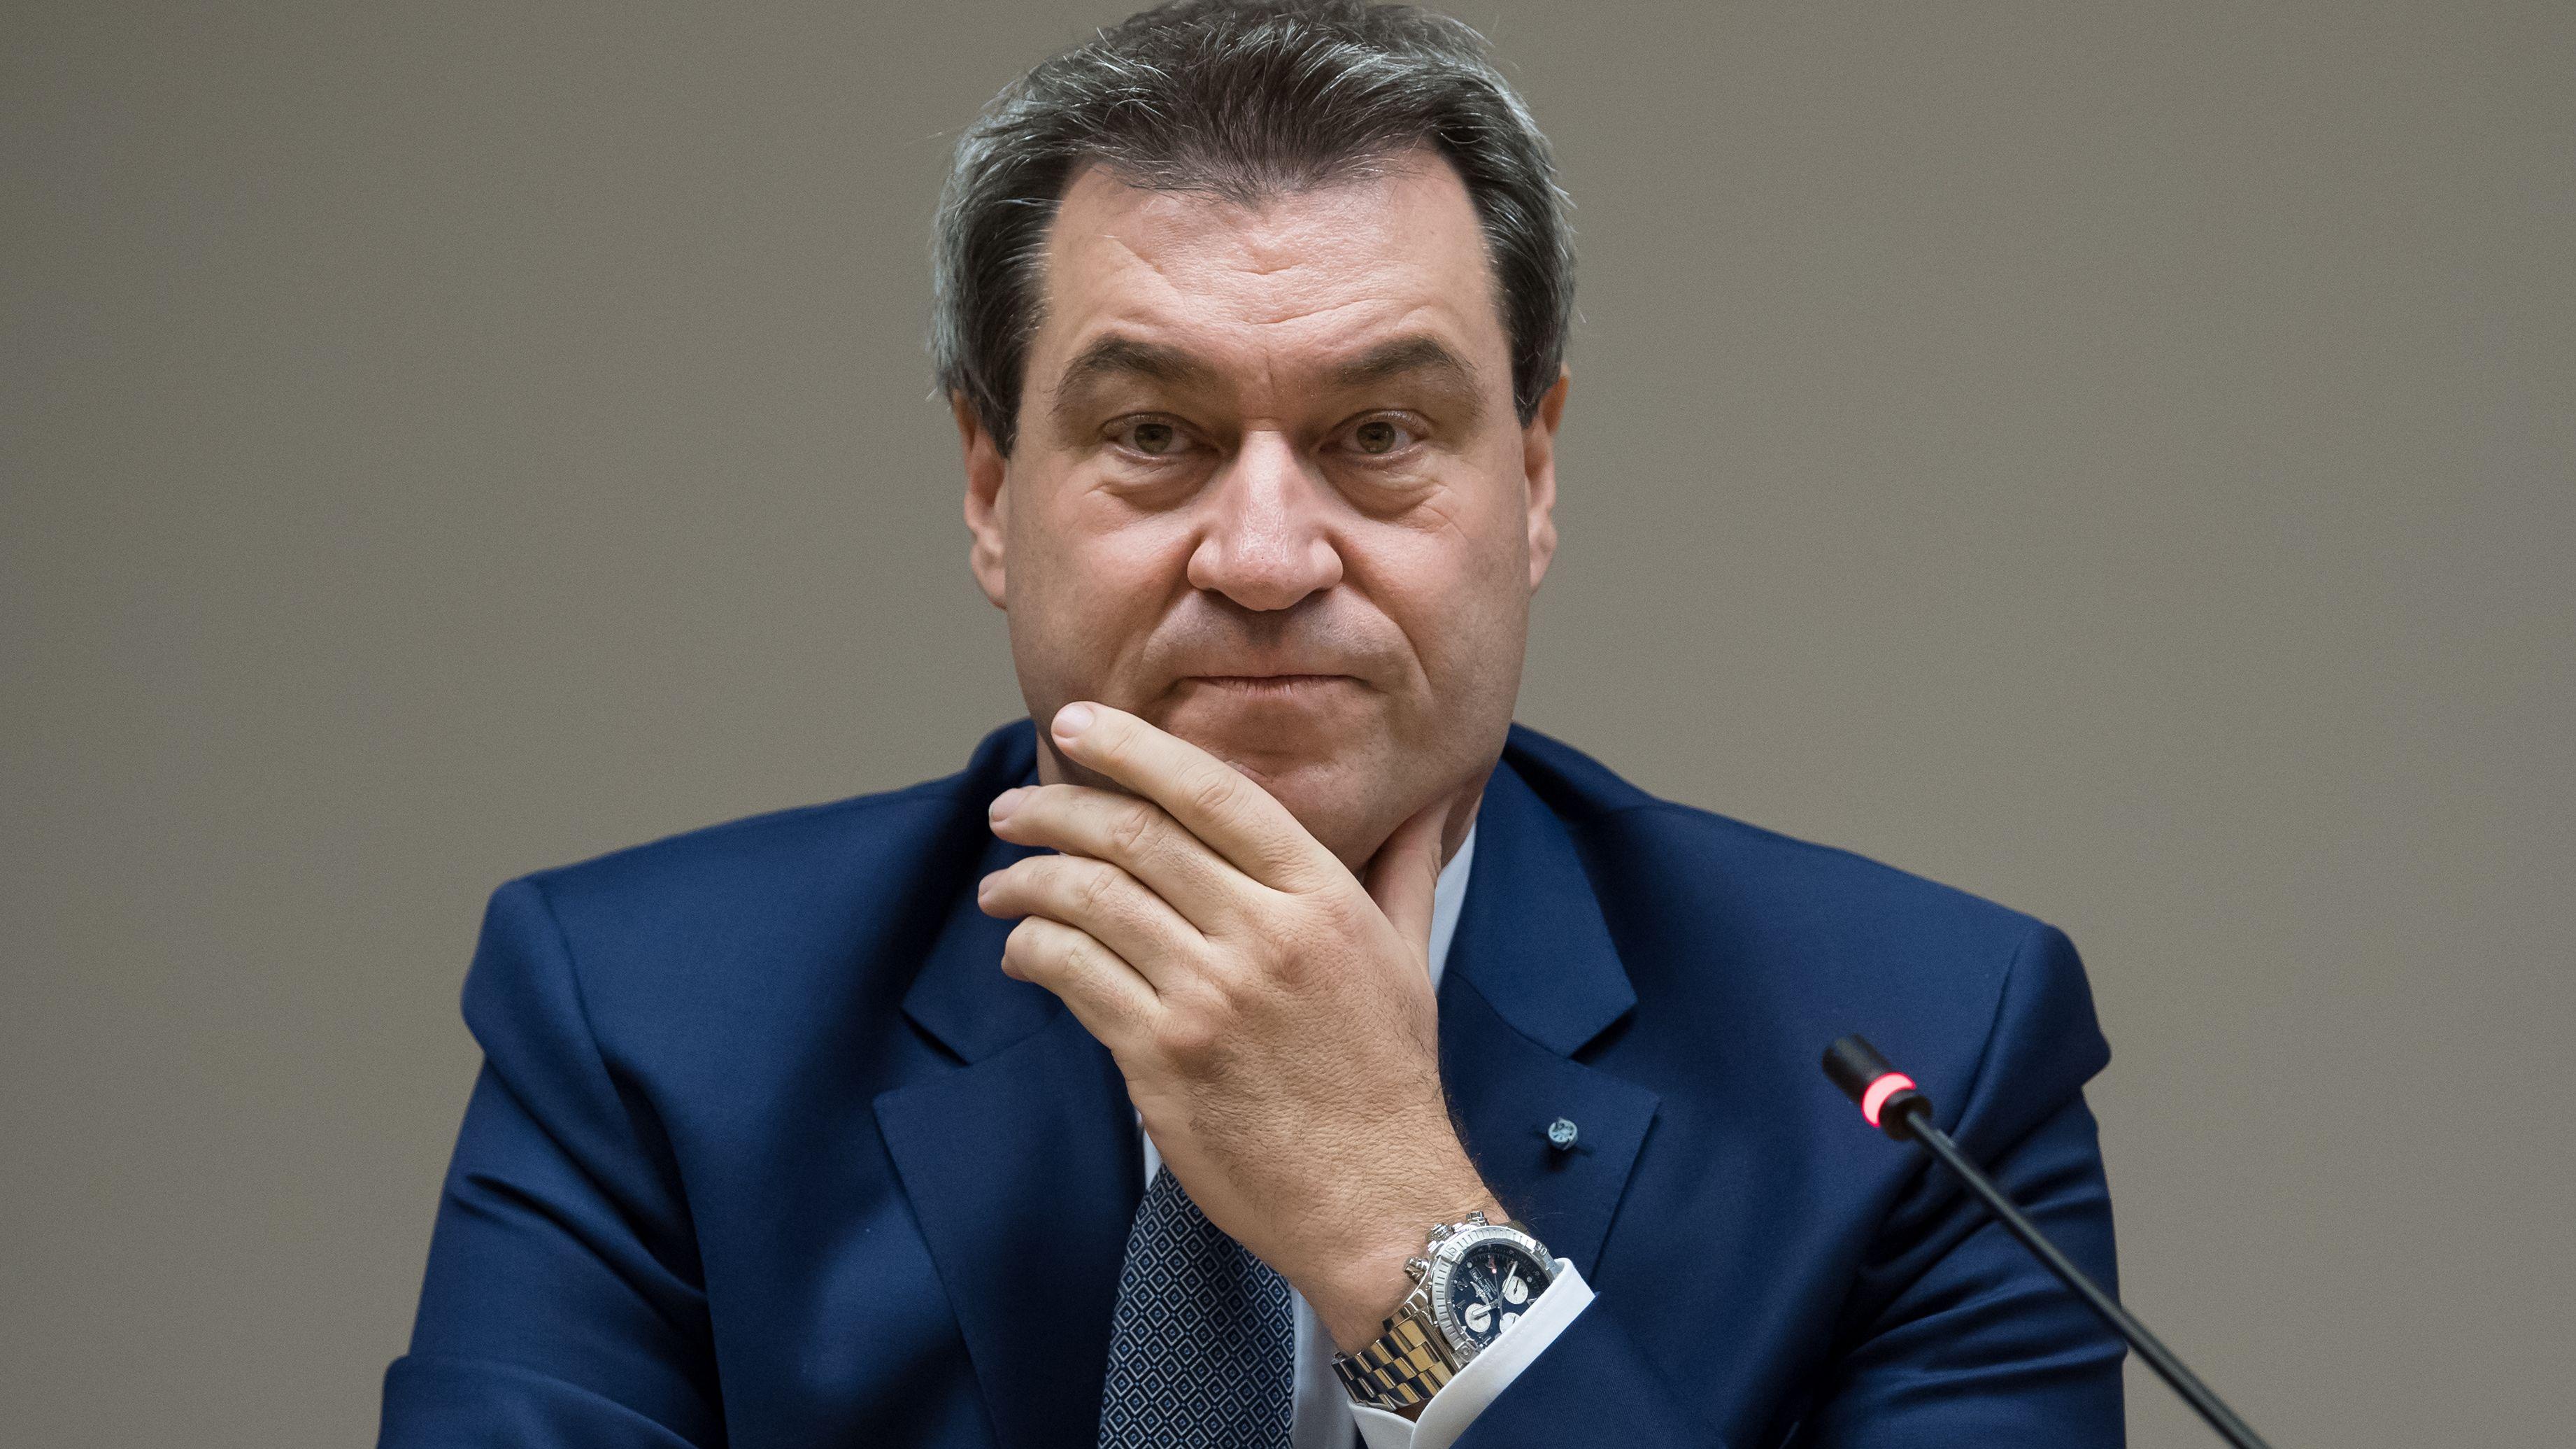 Nahaufnahme: Markus Söder schaut skeptisch, die Hand am Kinn.